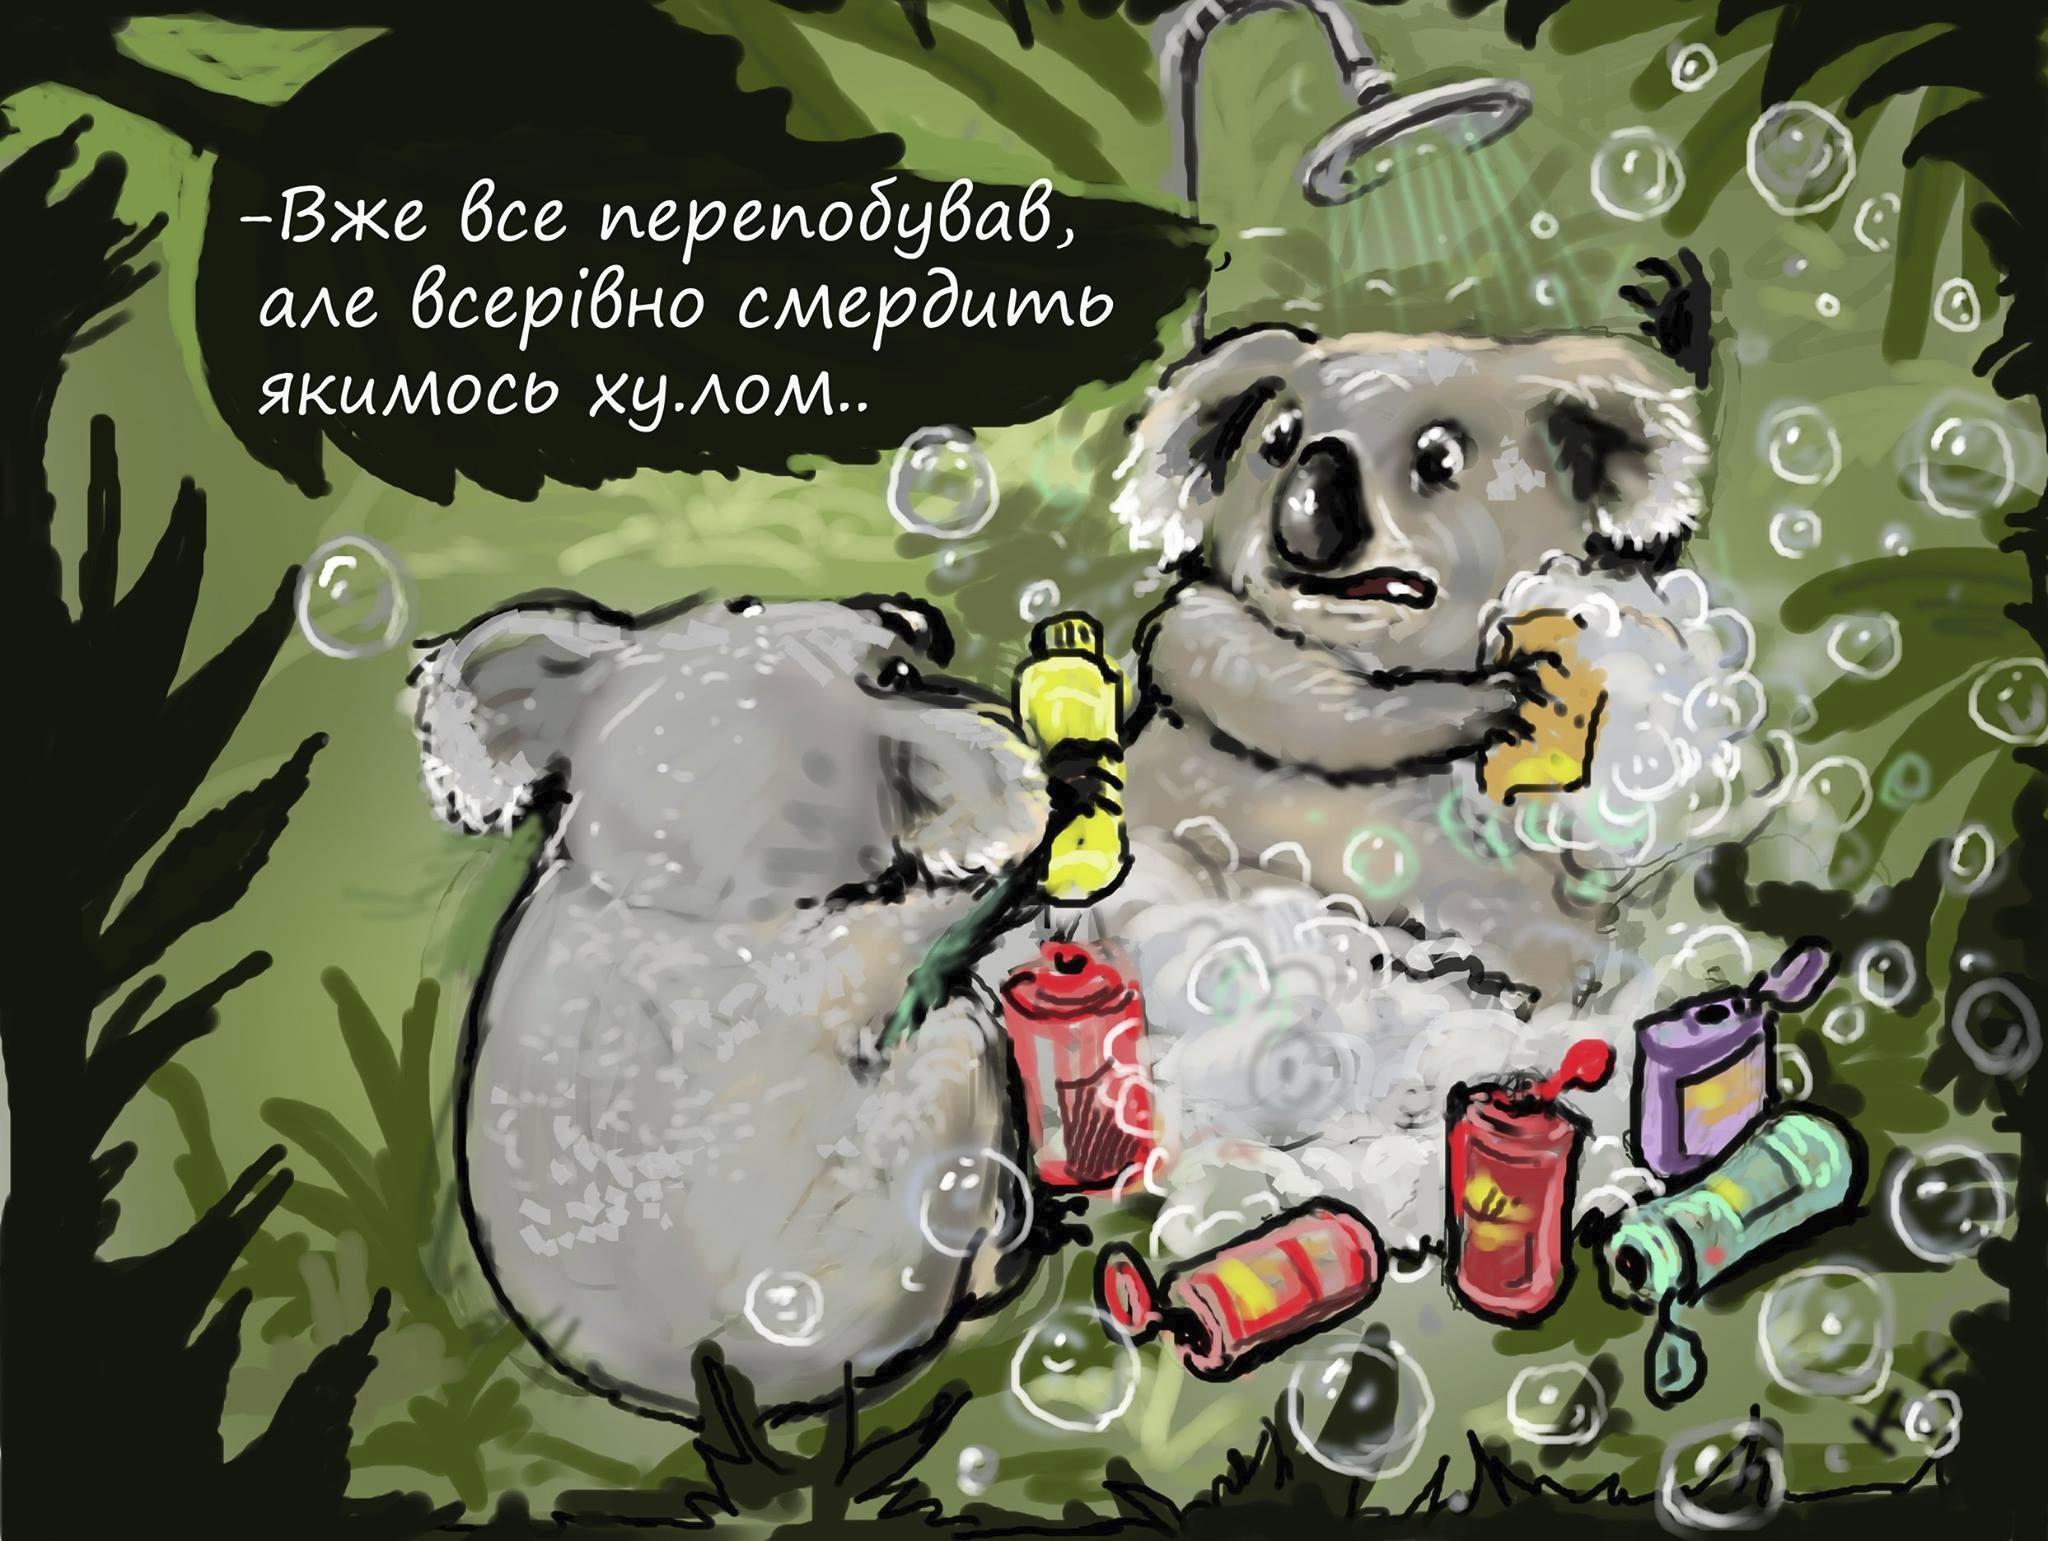 Под прикрытием миссии ОБСЕ в Украине работает не просто сотрудник посольства РФ, а агент российских спецслужб? - Цензор.НЕТ 9592